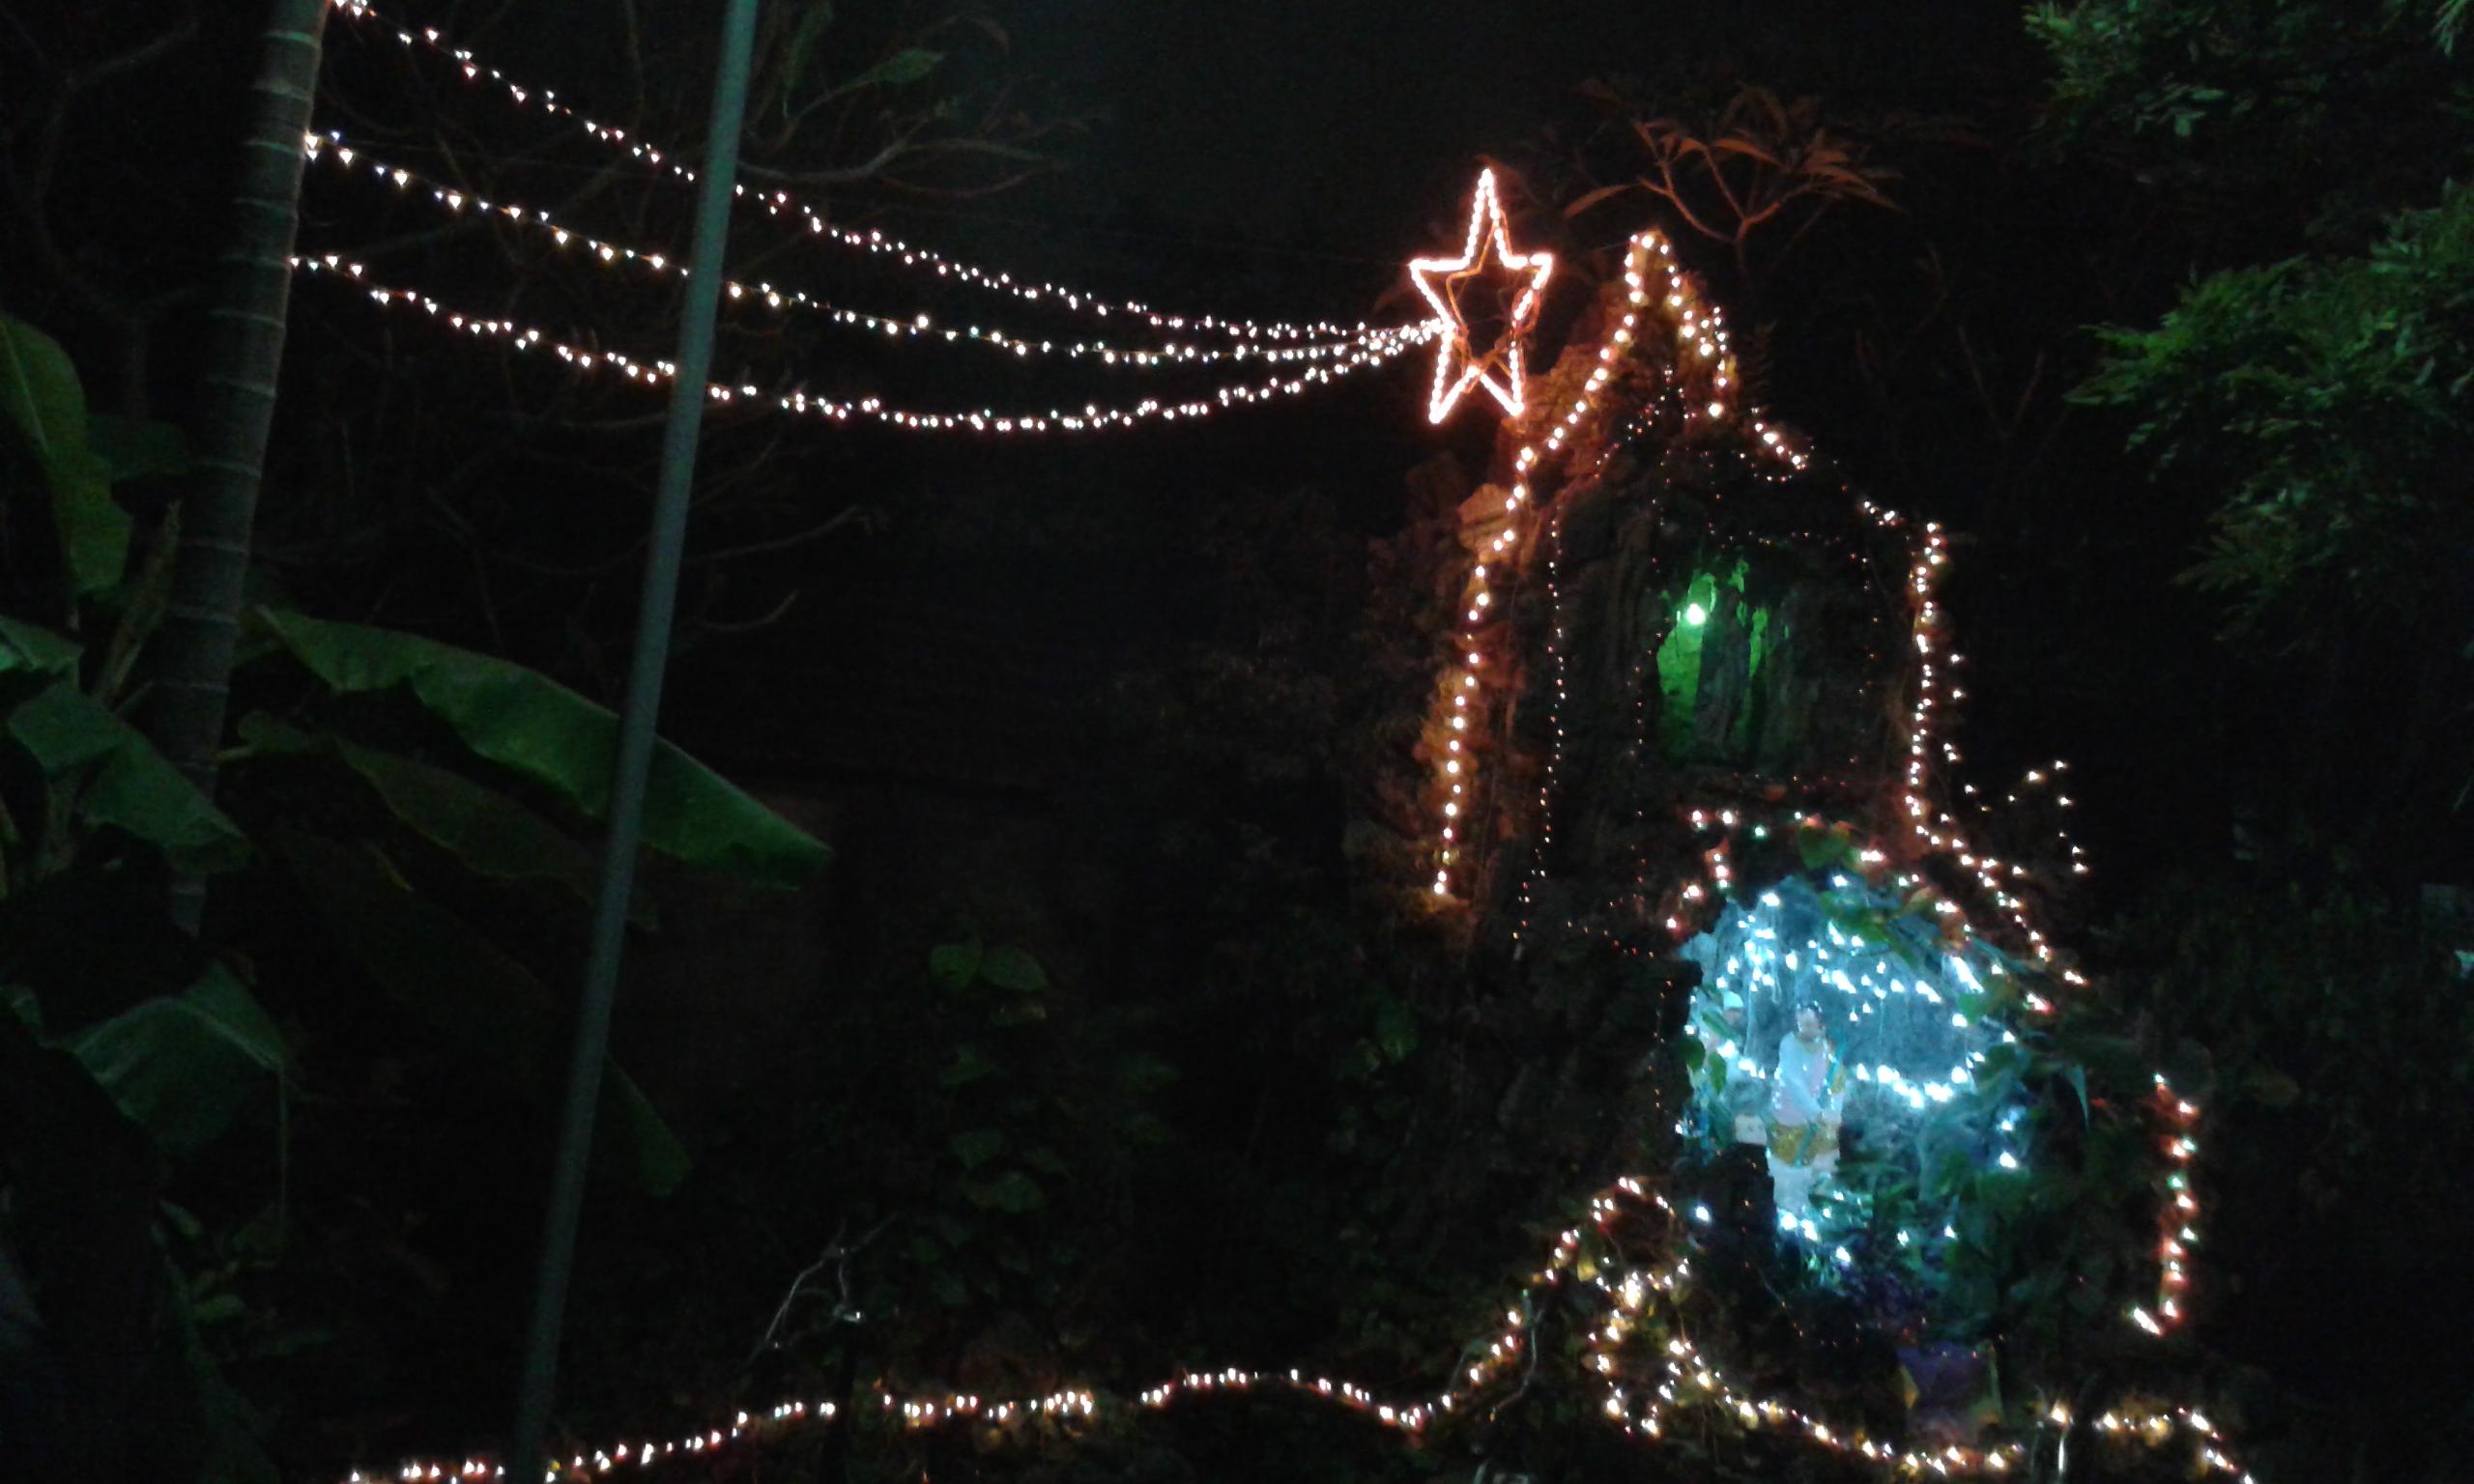 Cập nhật hình ảnh trang trí Noel tại GH Di trạch(17/12/2014)